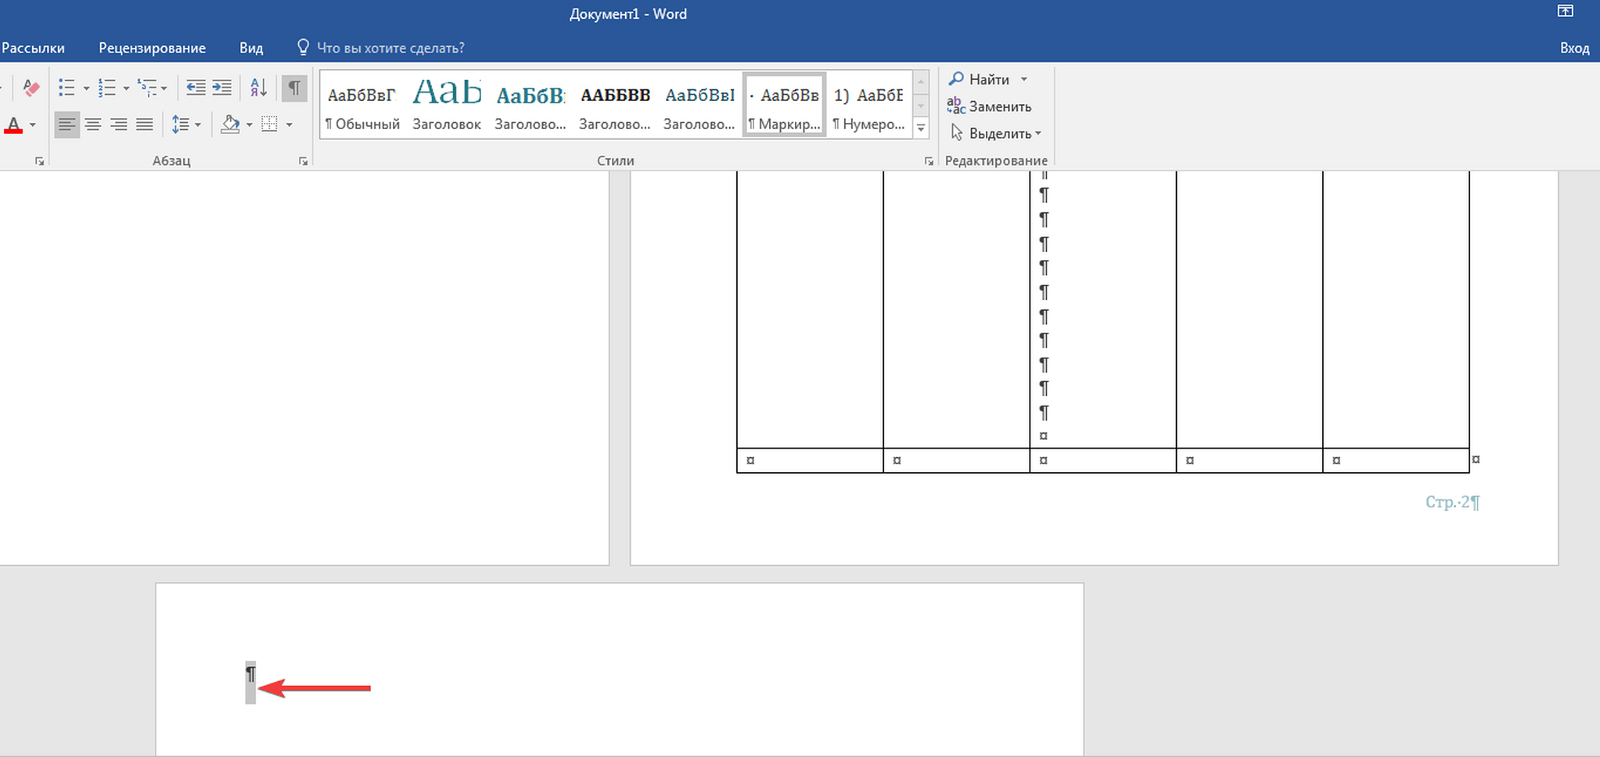 як видалити сторінку в ворді коли є таблиця